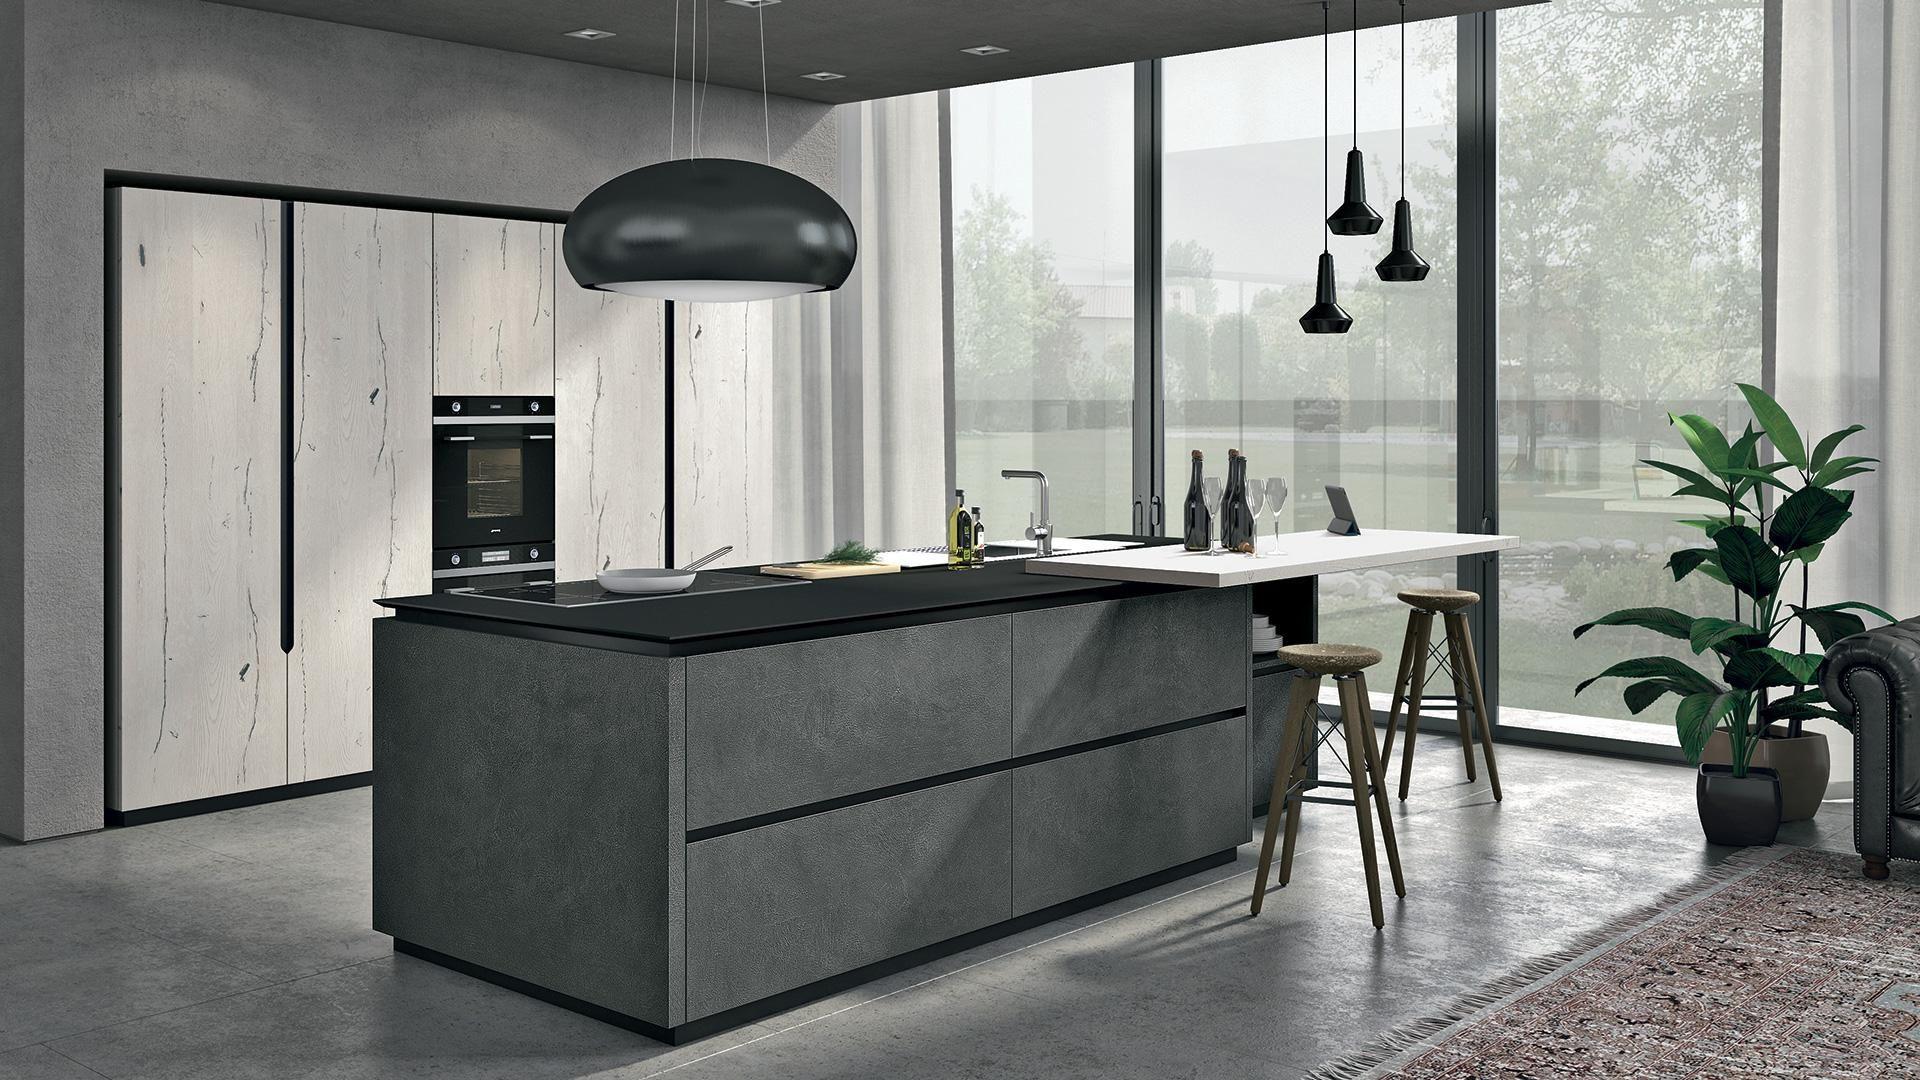 Oltre Neck - Cucine Lube | Interior Design | Pinterest | Kitchens ...